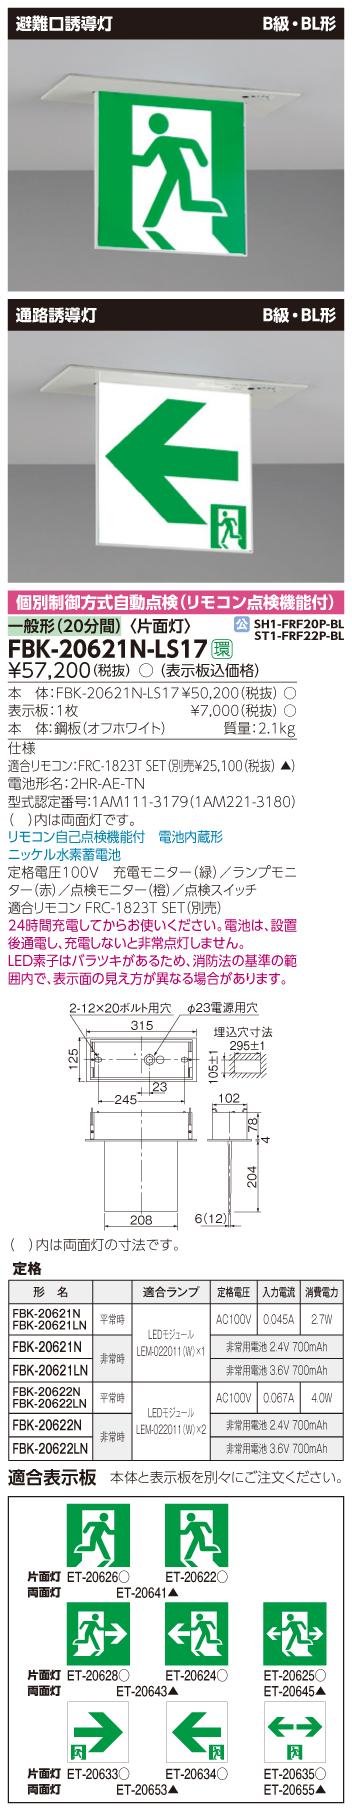 【法人様限定】東芝 FBK-20621N-LS17 LED誘導灯 天井埋込形 電池内蔵 片面 B級BL形 一般形(20分) 【表示板別売】